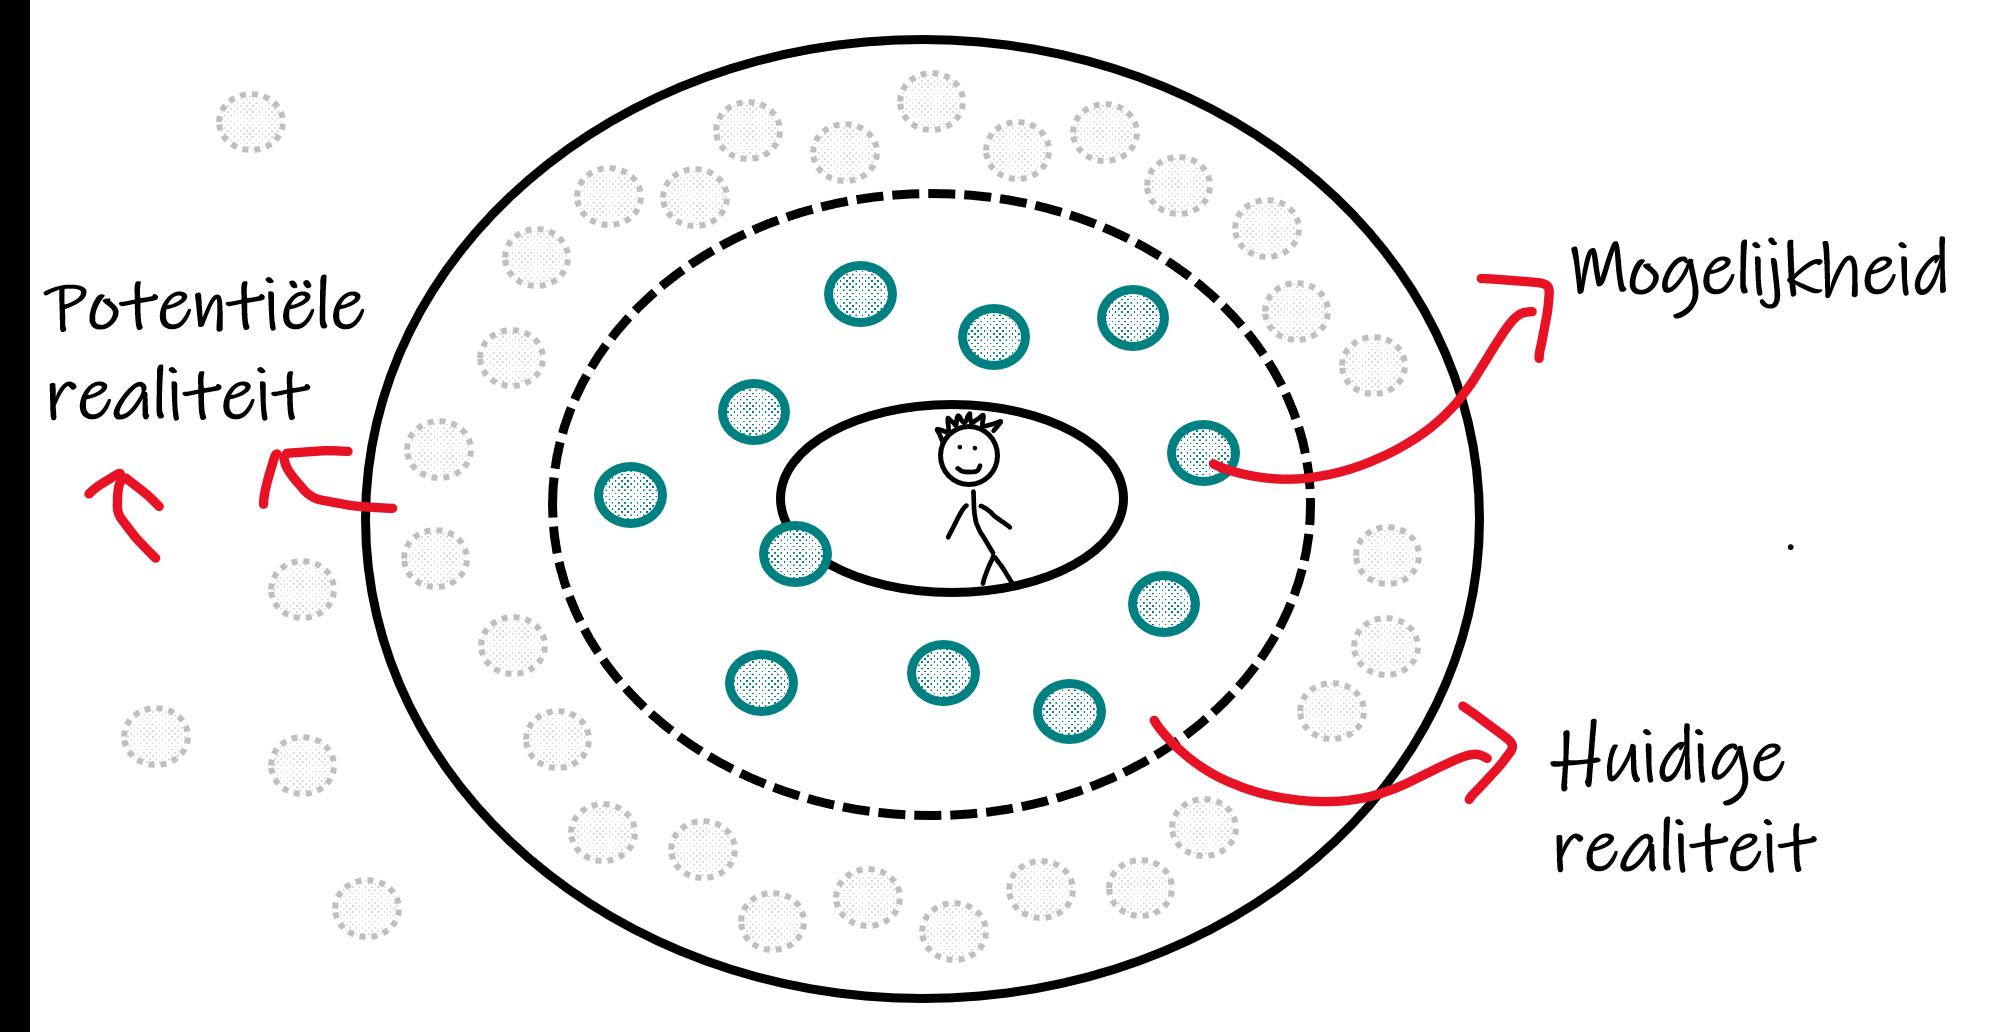 Cirkel van realiteit met mogelijkheden, huidige en potentiële realiteit WITTE ACHTERGROND